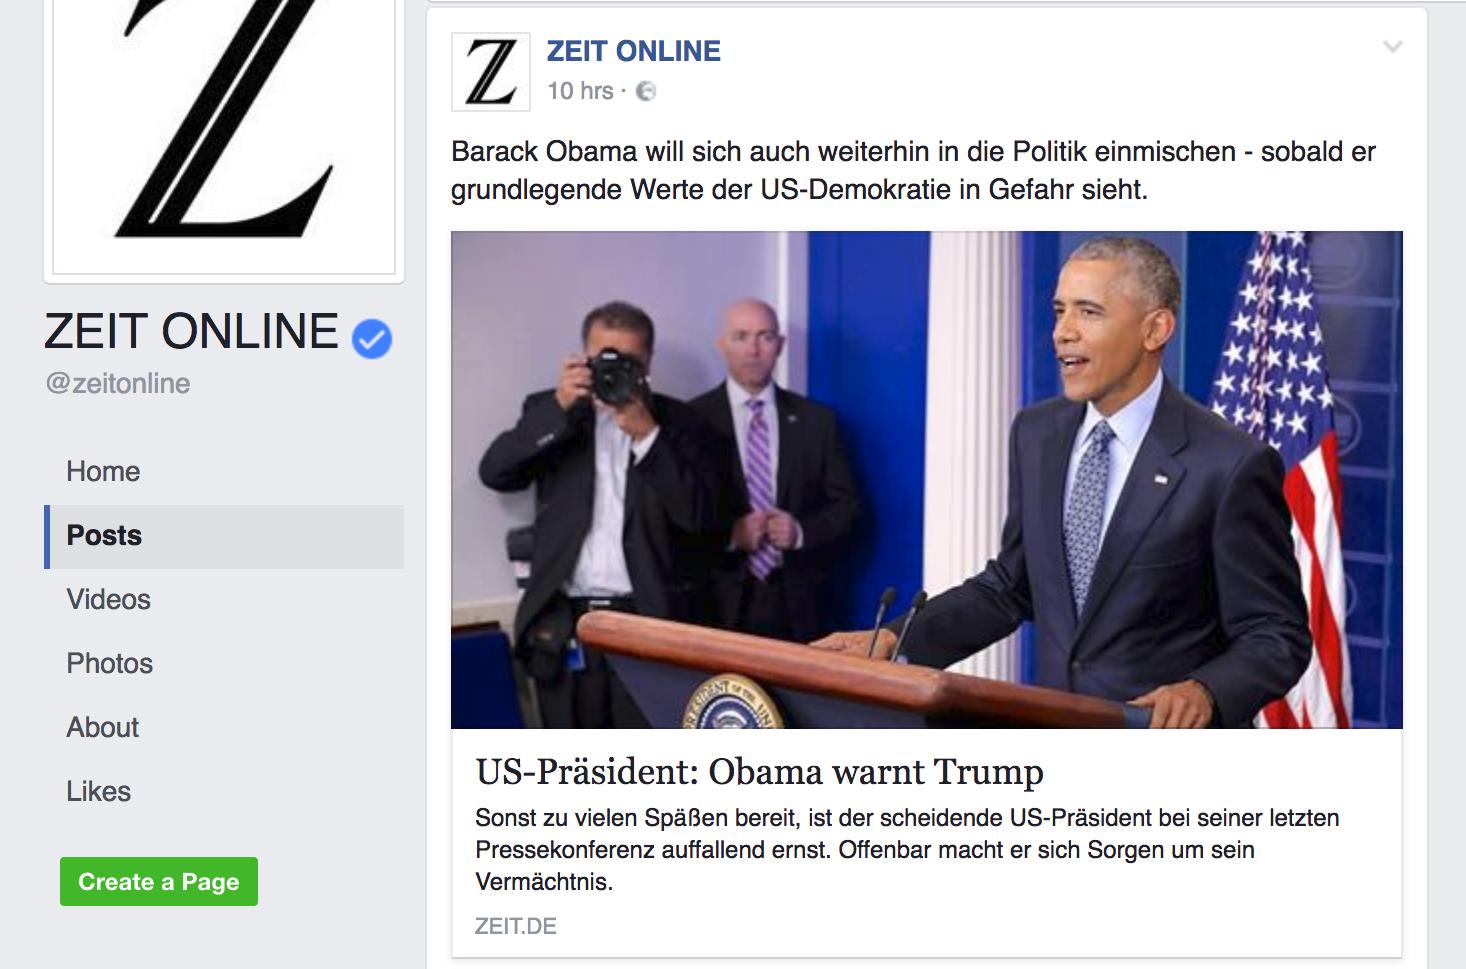 Facebookseite Zeit Online, Screenshot: matschbild.de